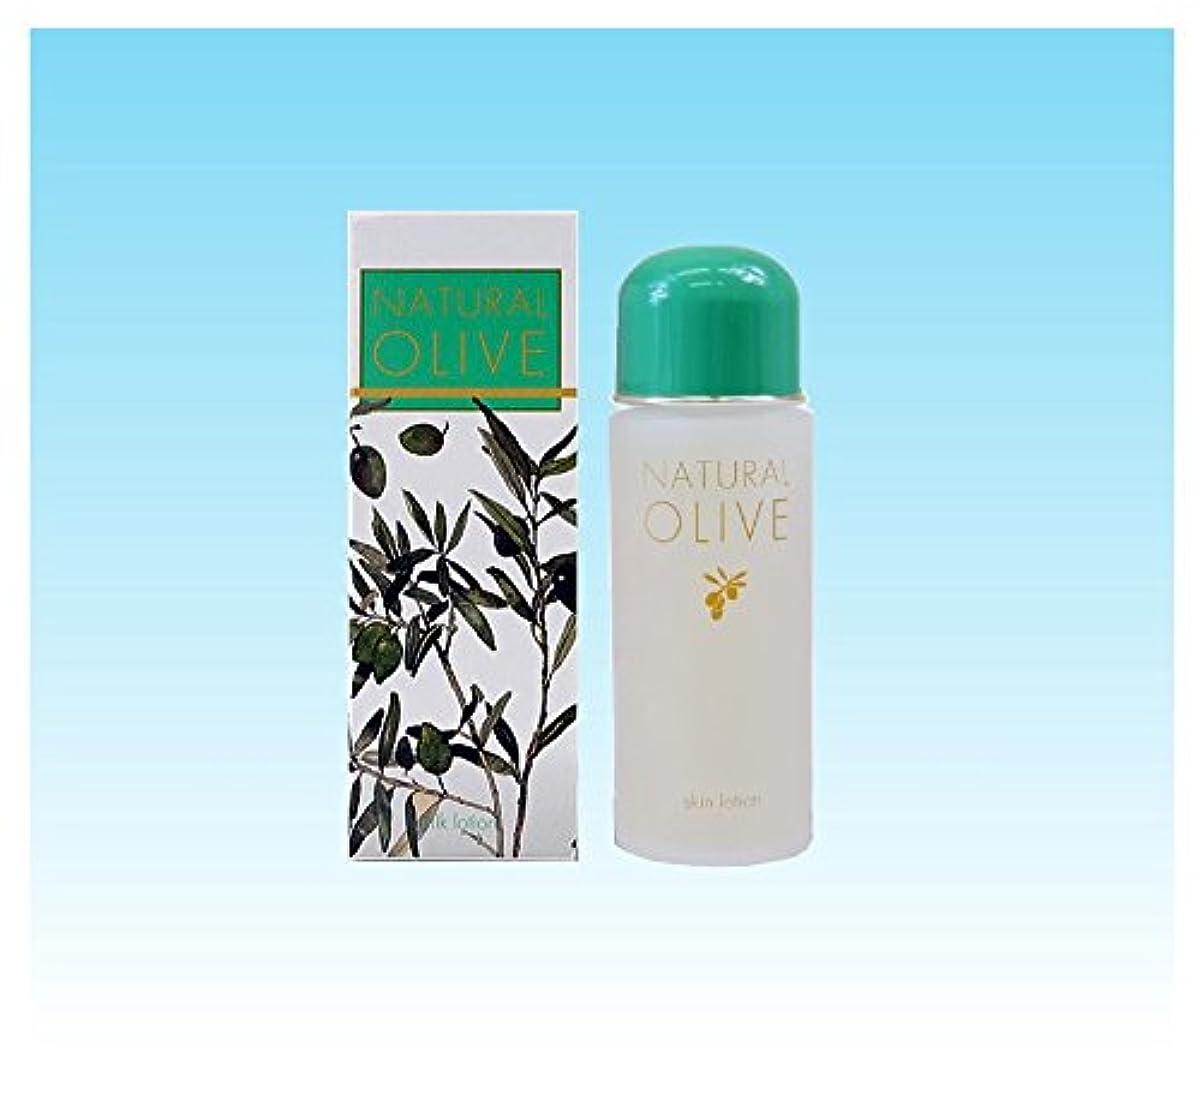 もっとビーチたとえナチュラルオリーブ化粧水(1本)